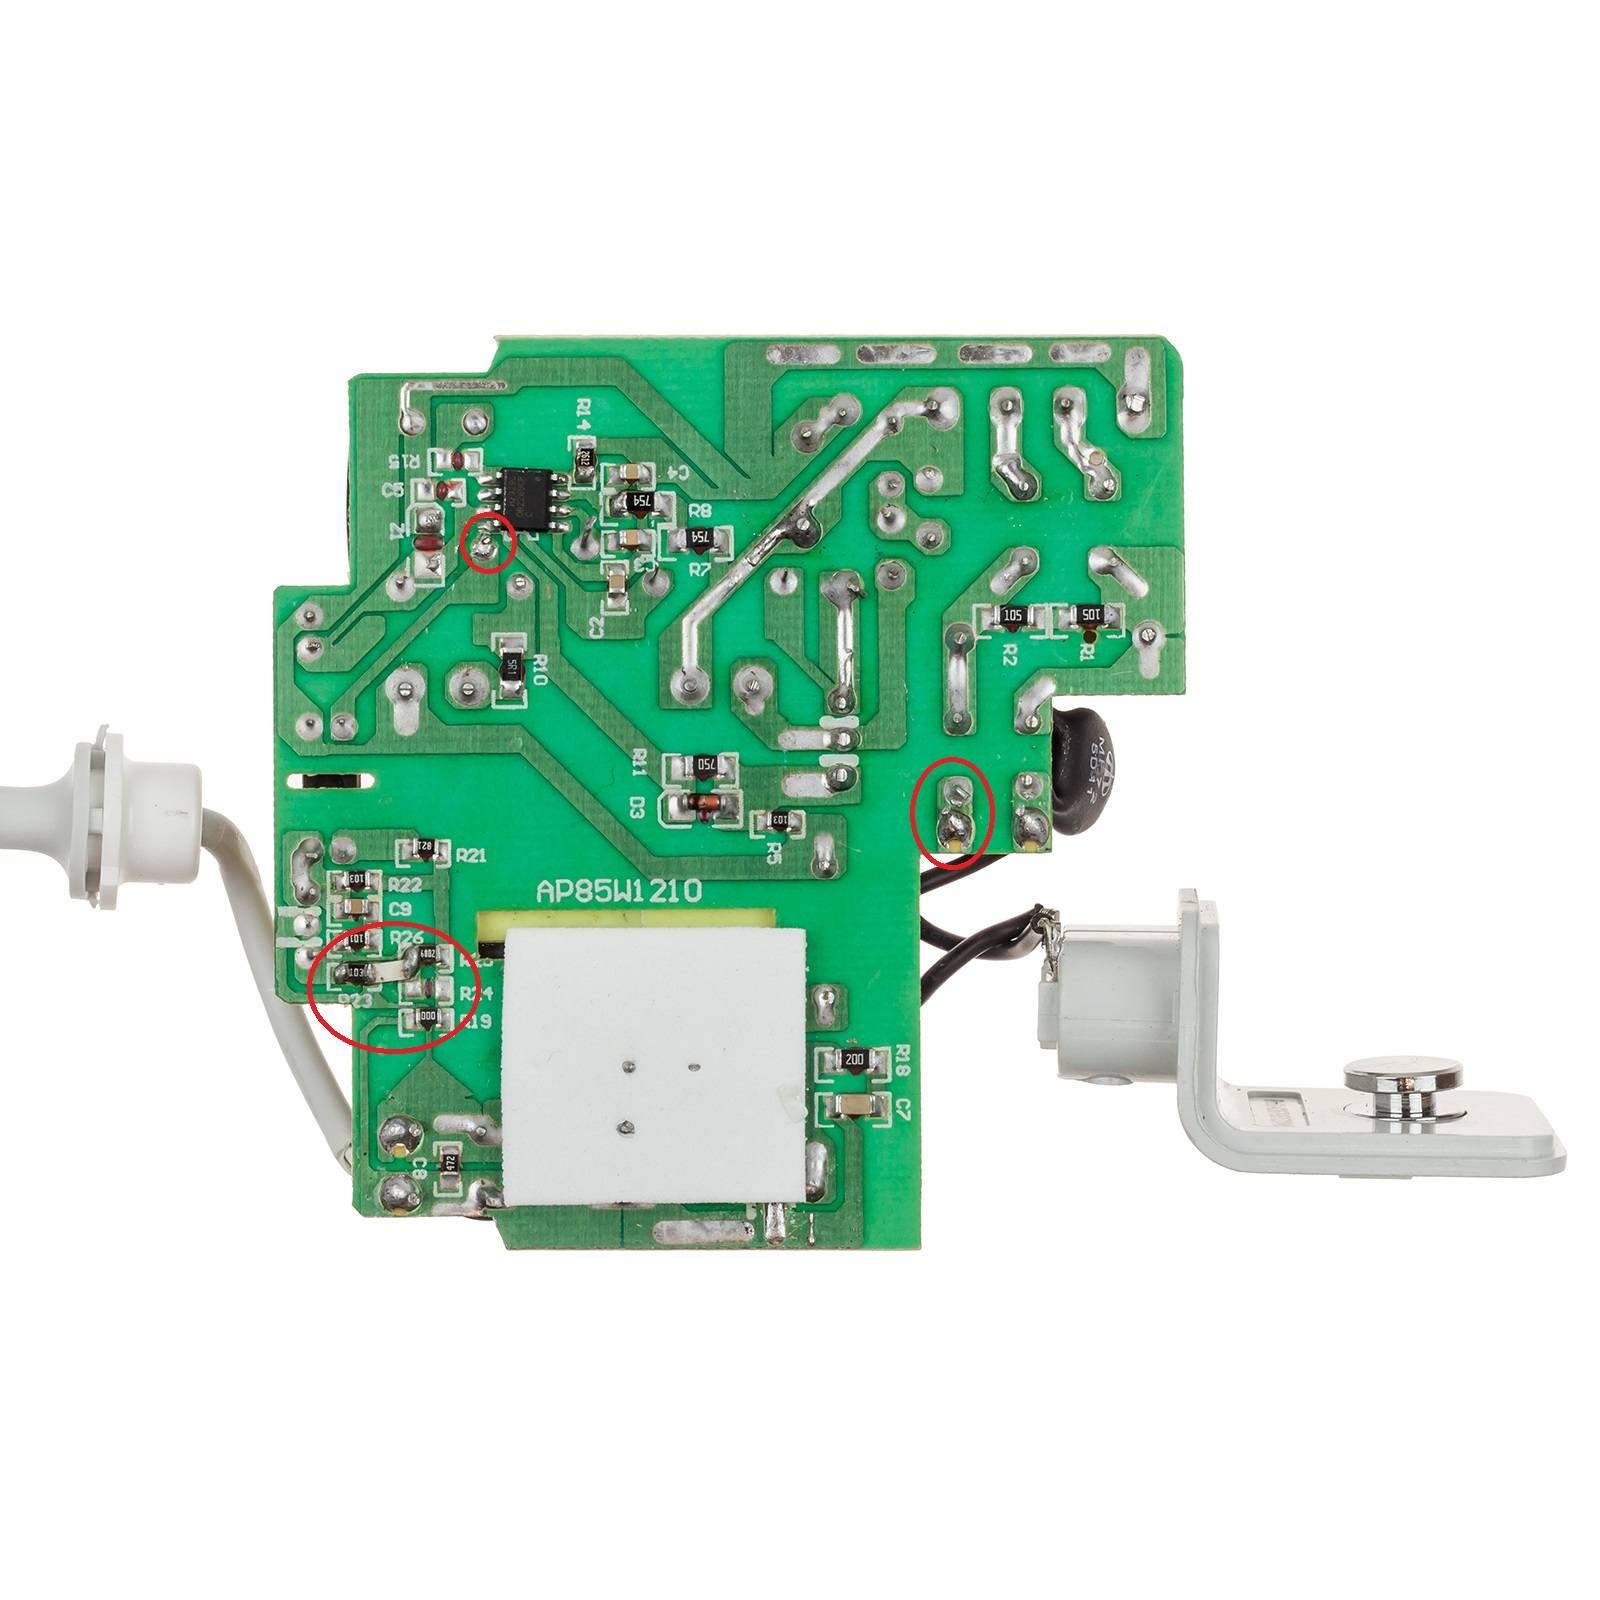 dangerous solder areas